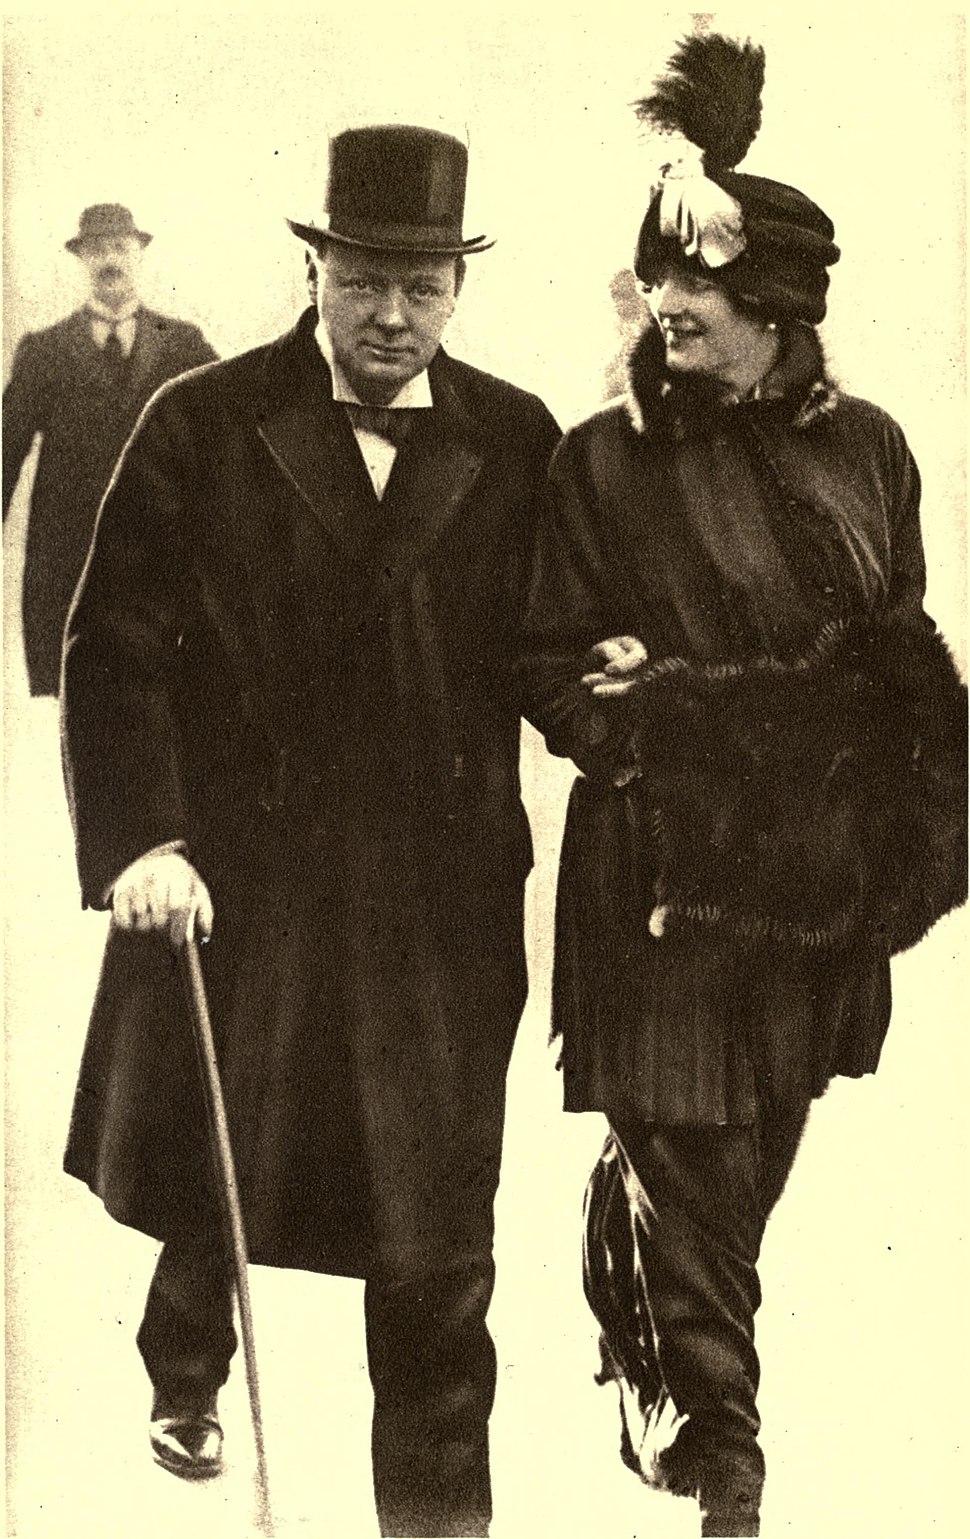 Mr. and Mrs. Winston Spencer Churchill